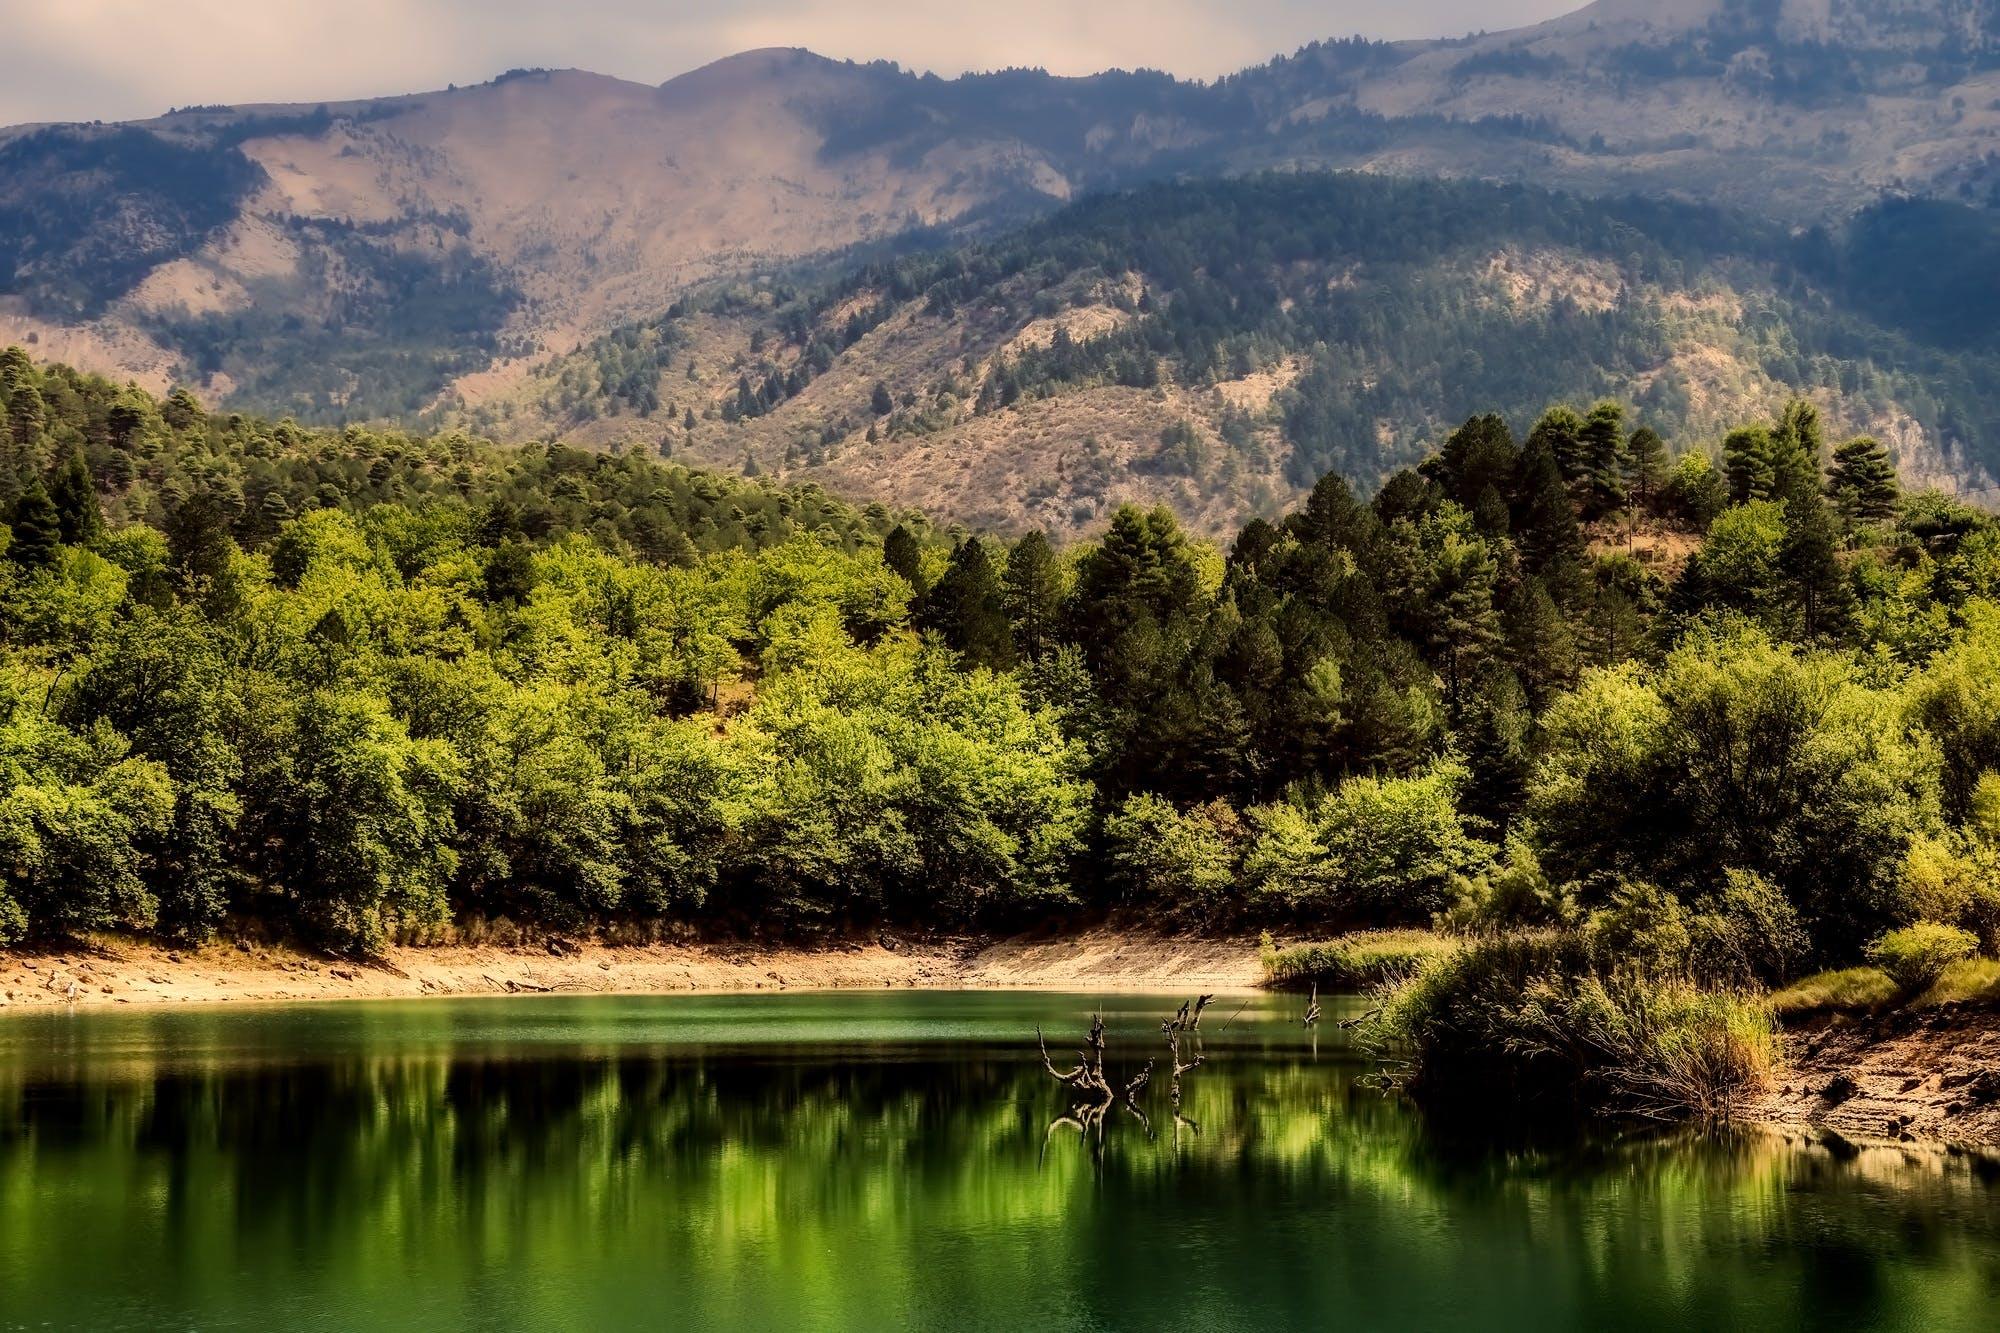 Kostnadsfri bild av bergen, dagsljus, gräs, grön